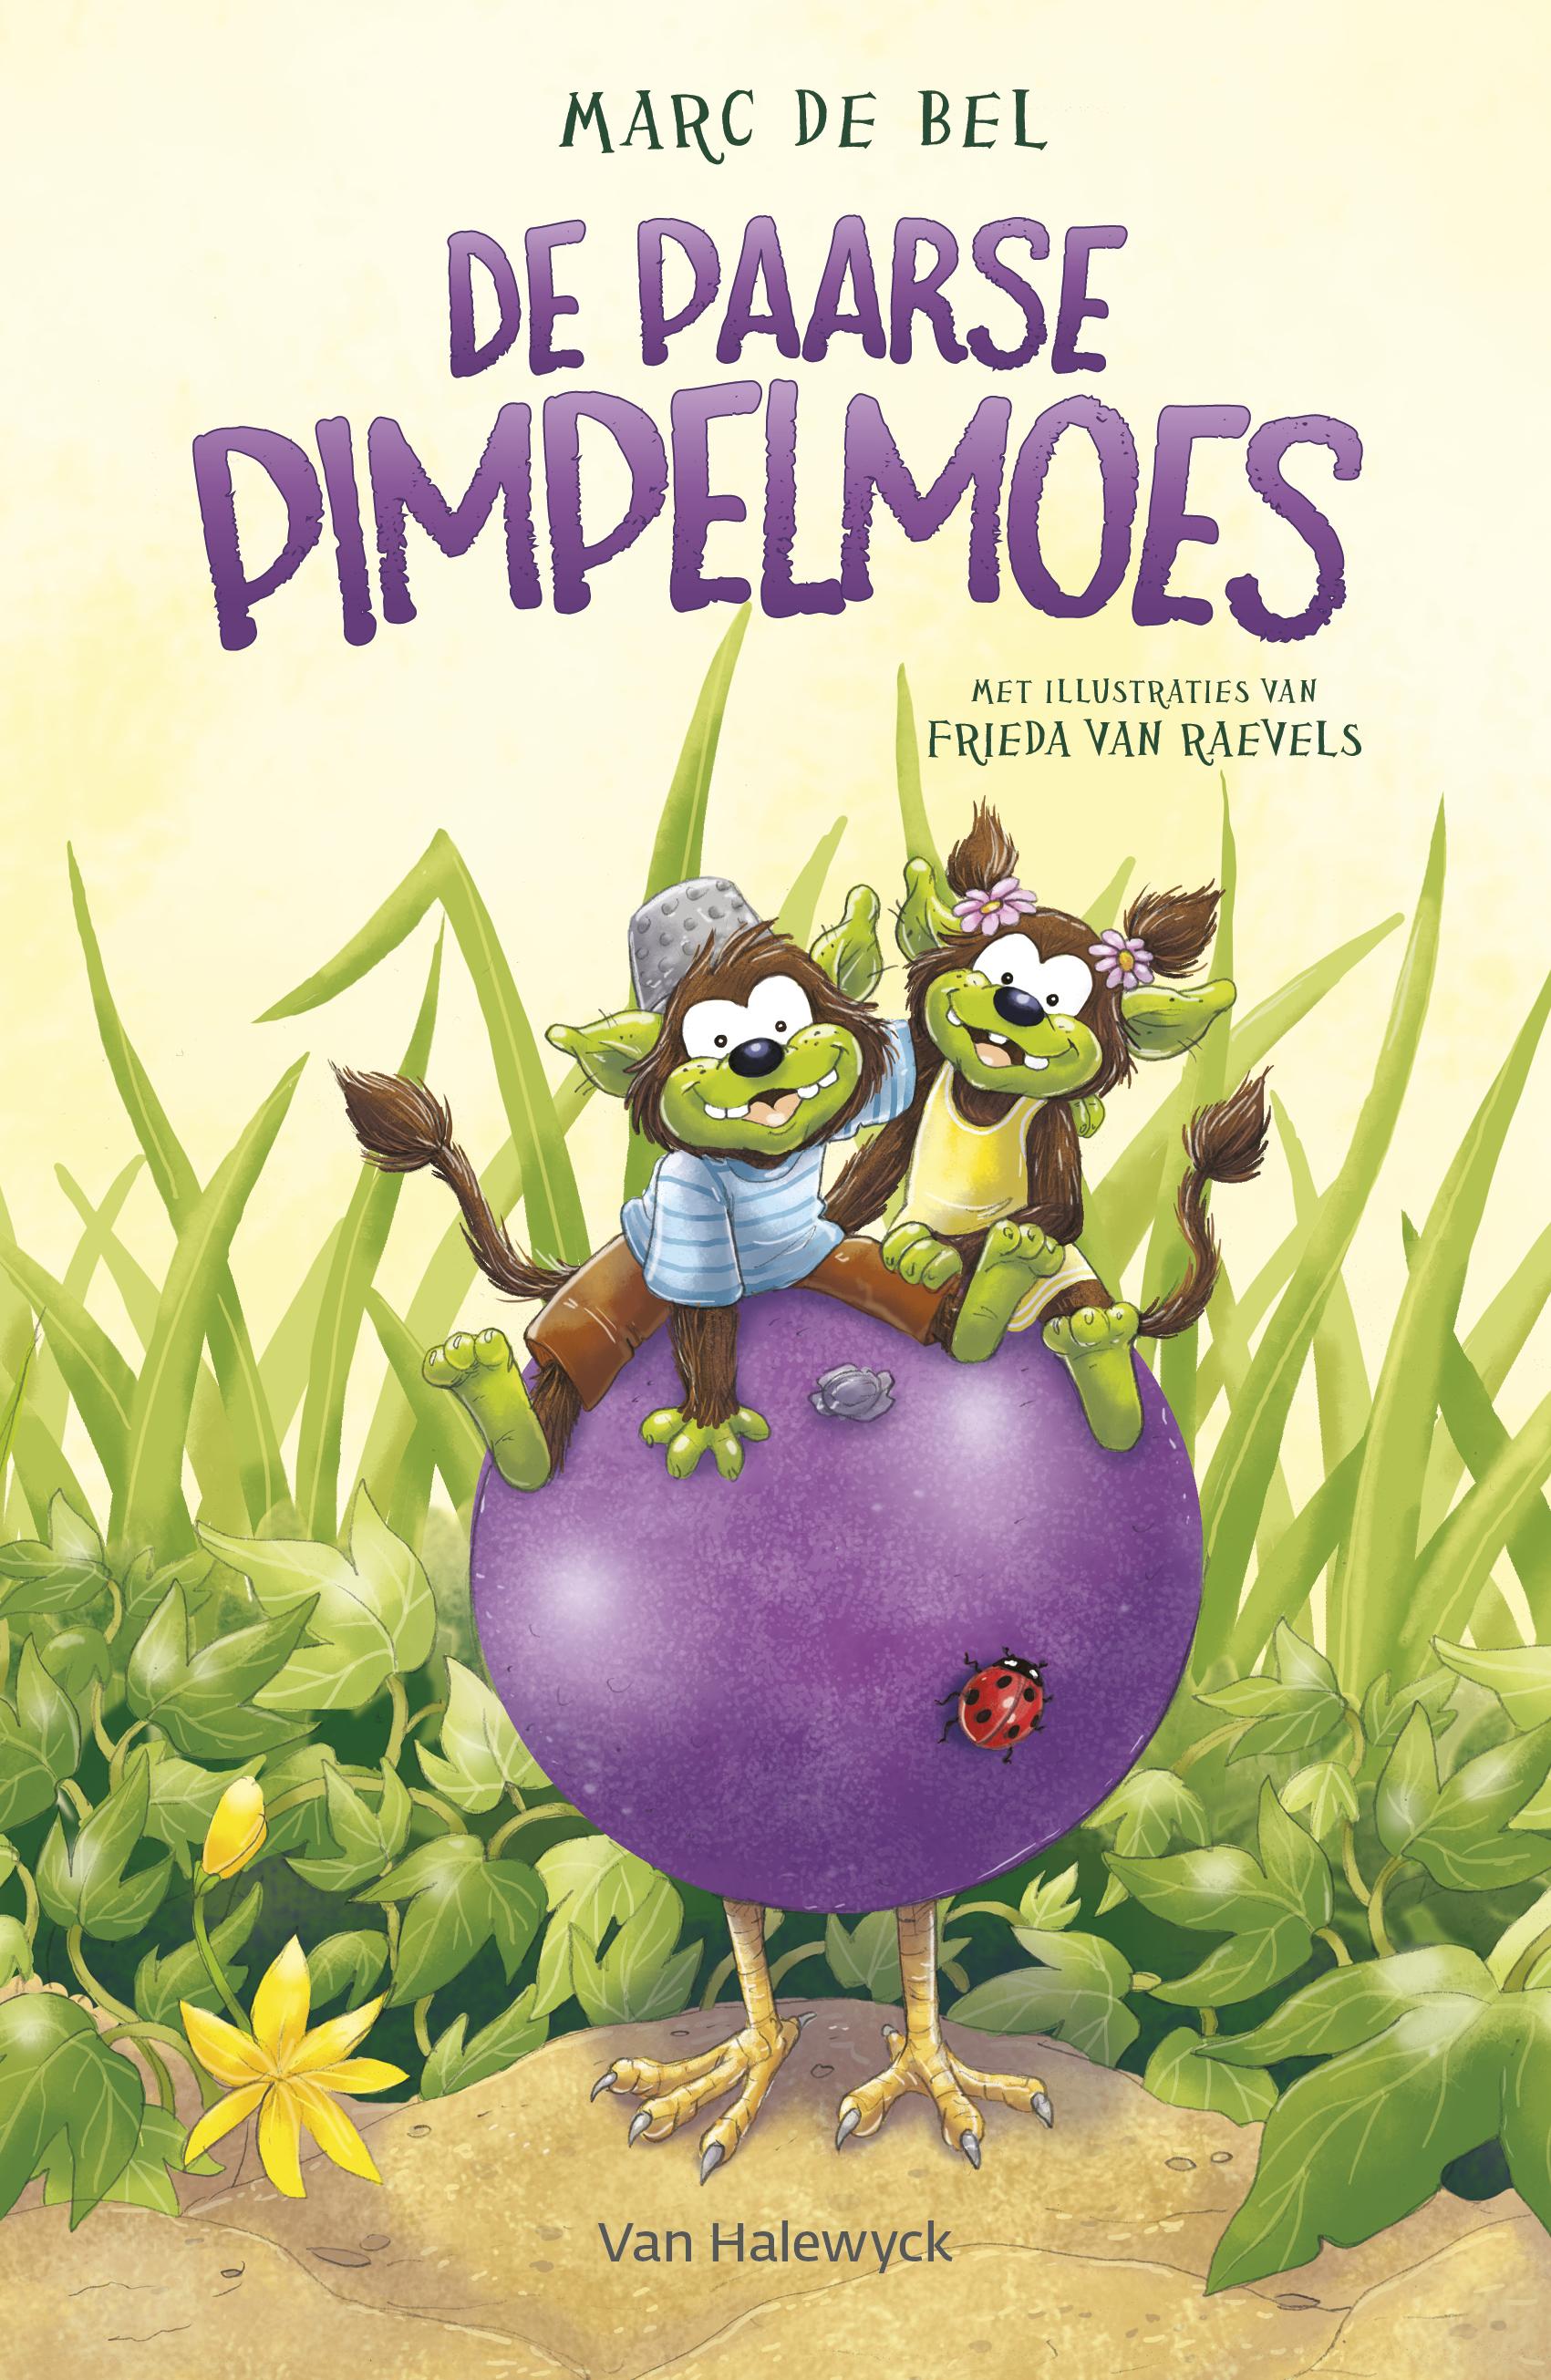 De paarse pimpelmoes - Marc de Bel